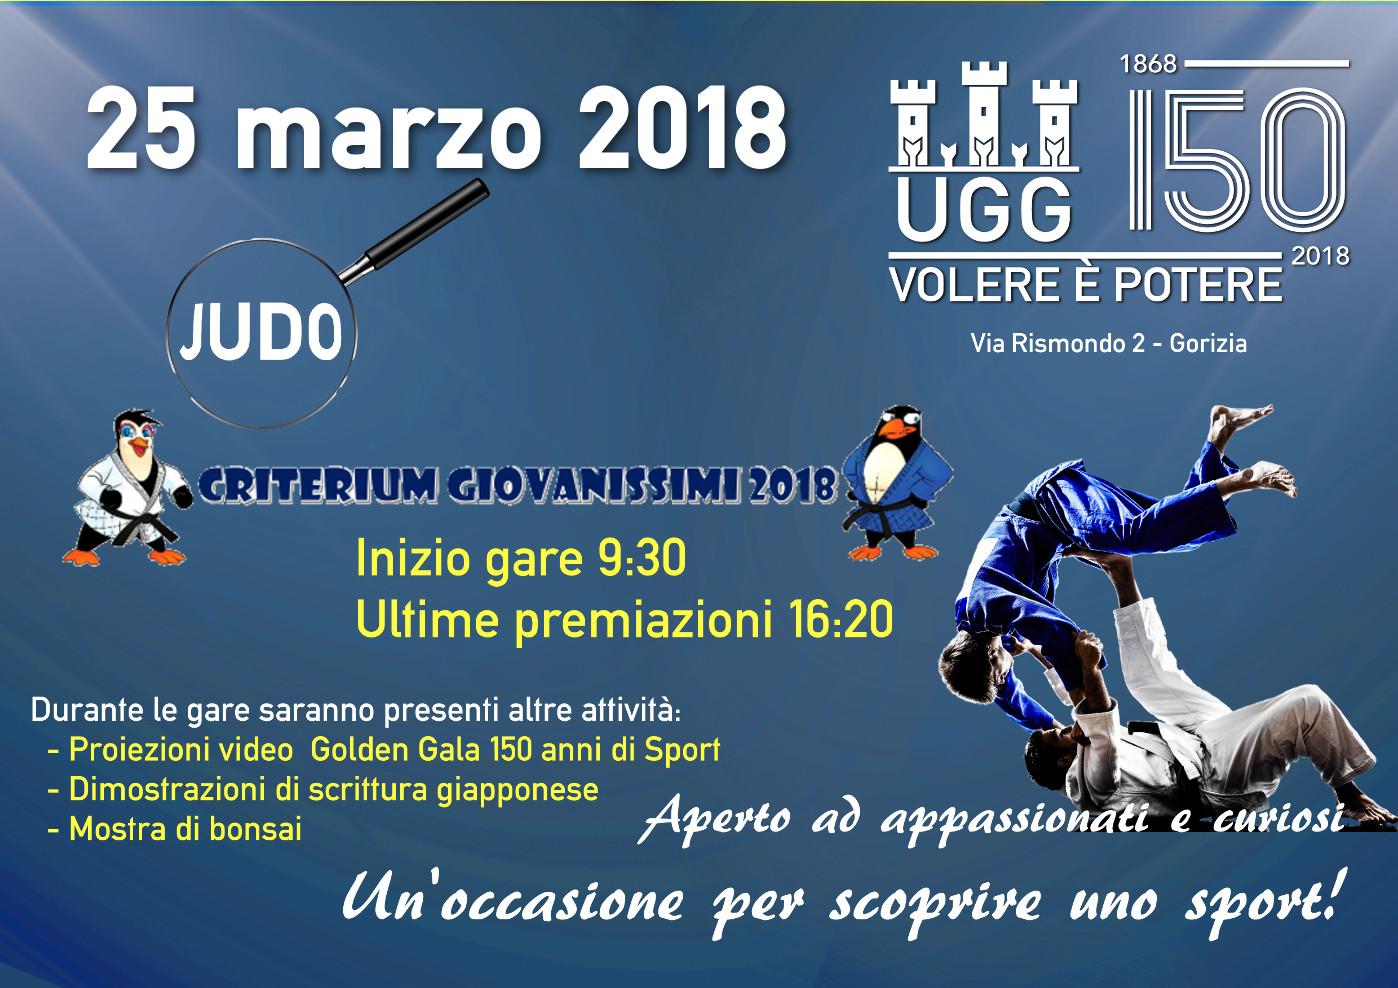 UGG criterium